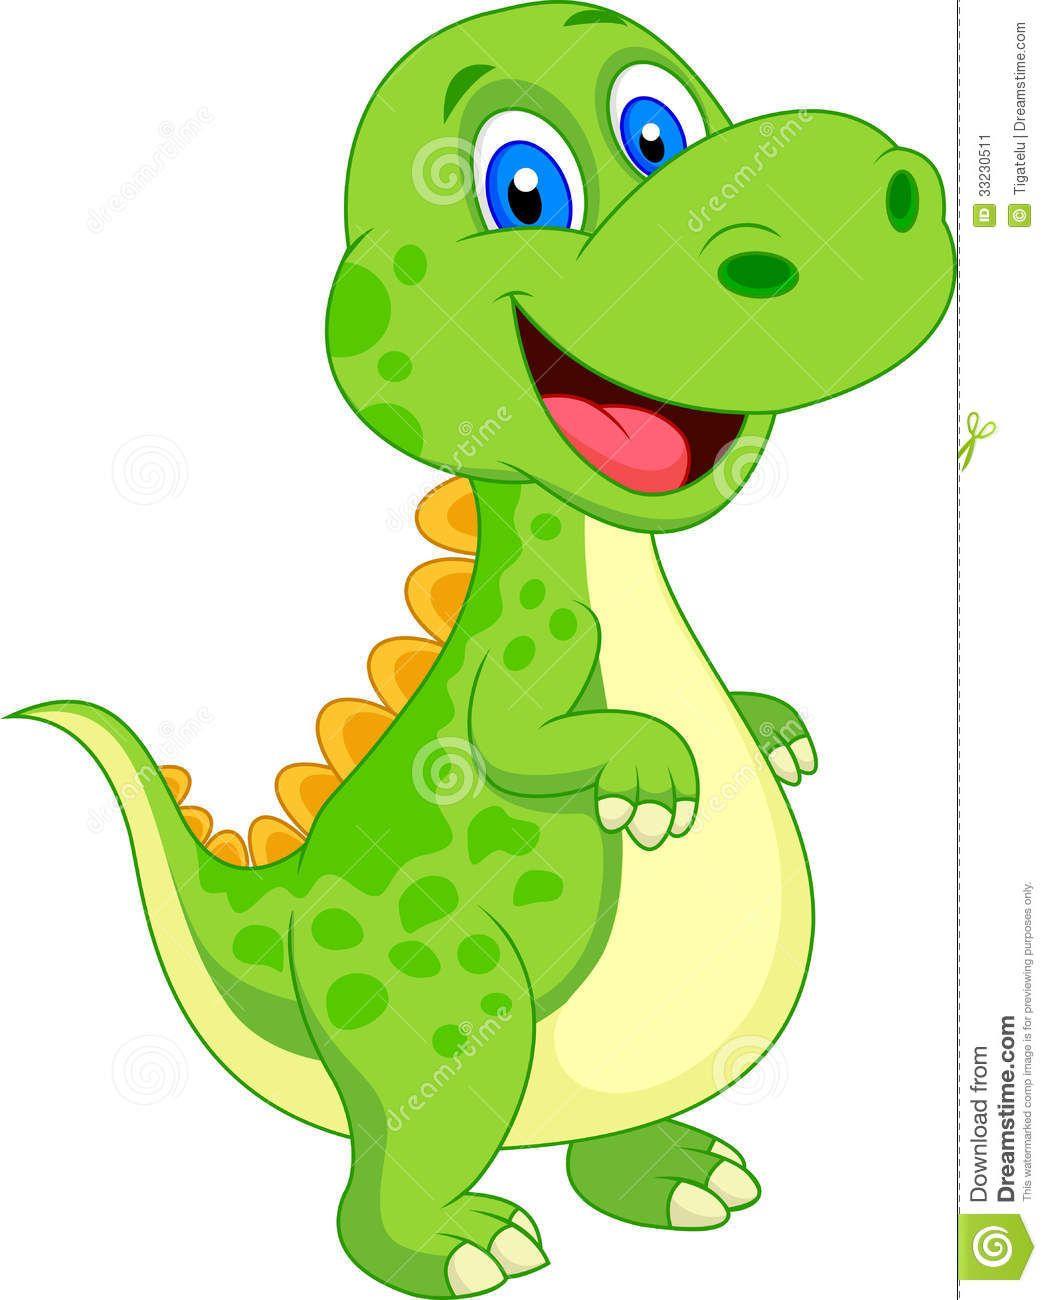 Historieta Linda Del Dinosaurio.